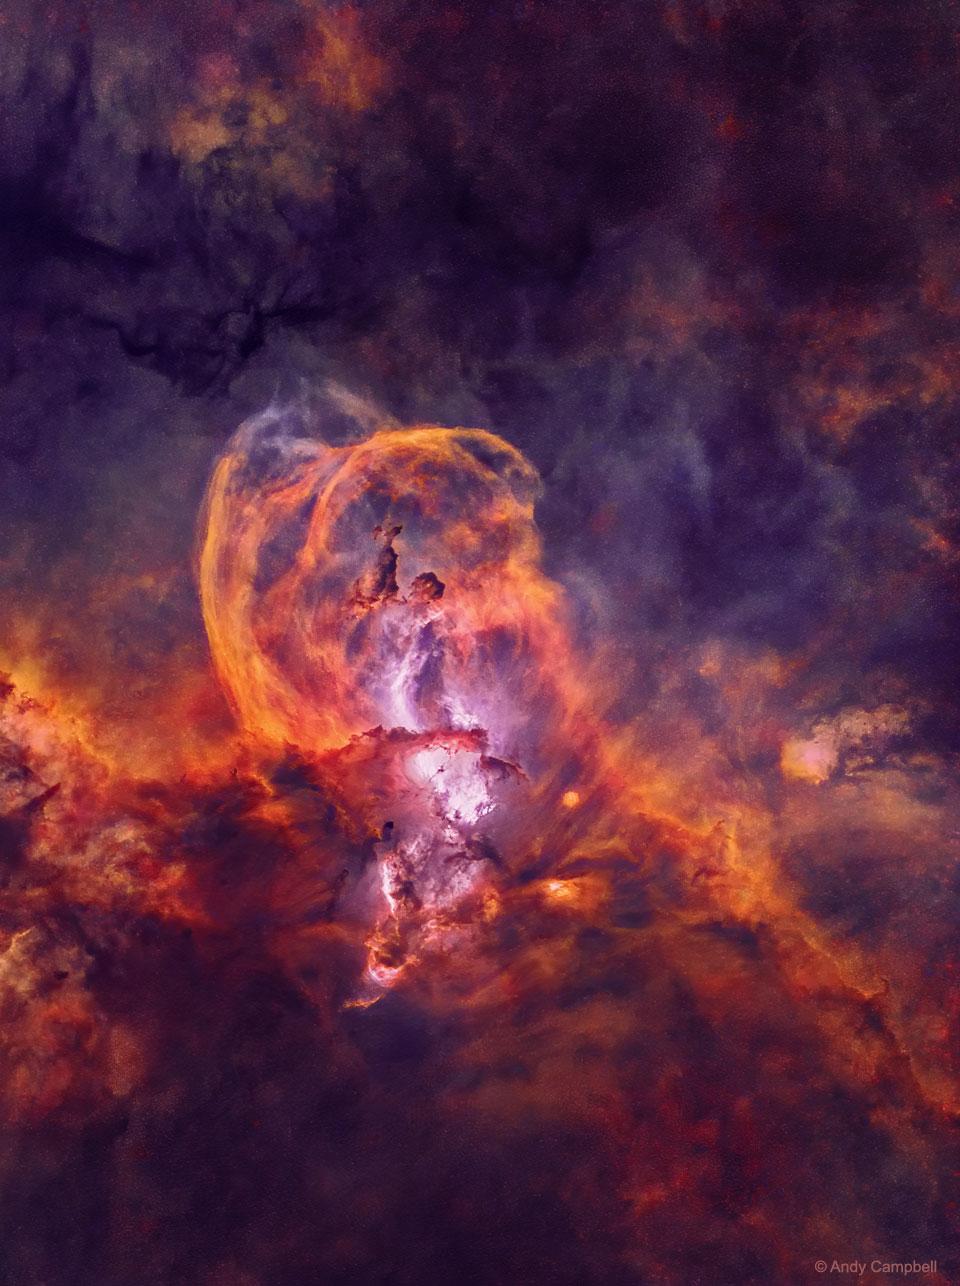 Región de formación estelar NGC 3582 sin estrellas